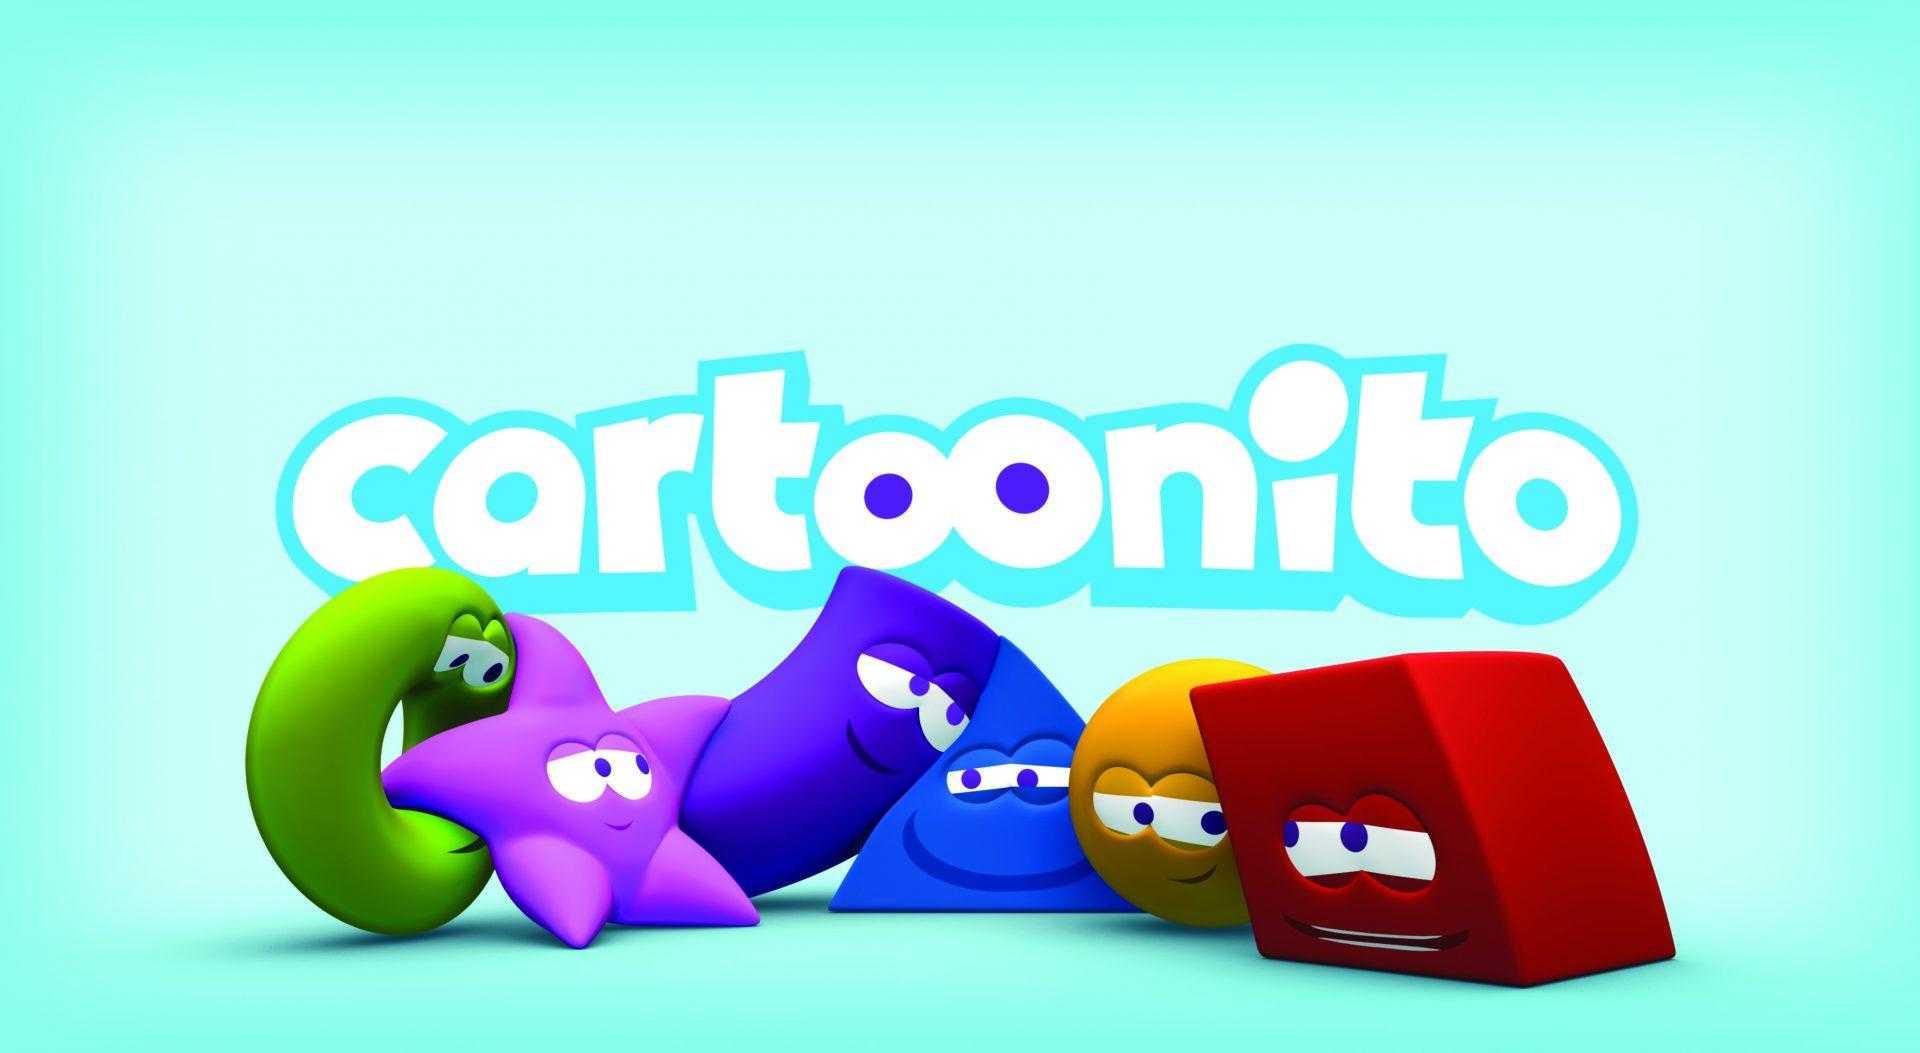 Auditel: Cartoonito è già il canale prescolare preferito dai bambini Italiani   Digitale terrestre: Dtti.it